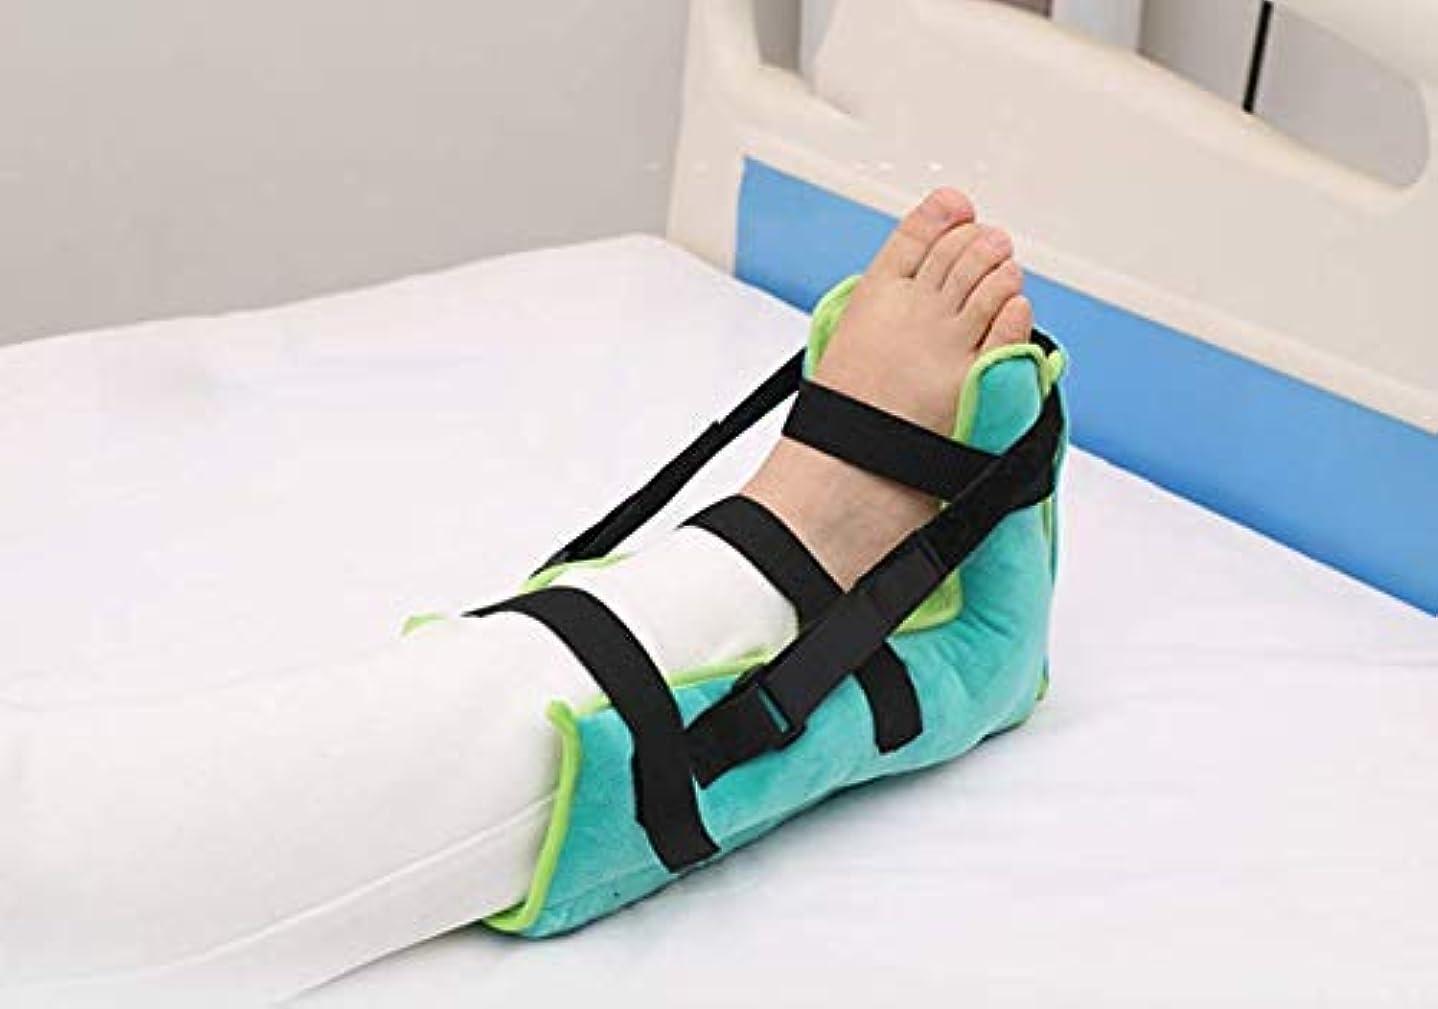 意志に反する眠っている常習的かかとのクッションプロテクター - 褥瘡&かかとの潰瘍の軽減のための抗褥瘡のかかとパッド - いっぱい通気性の高い弾性綿